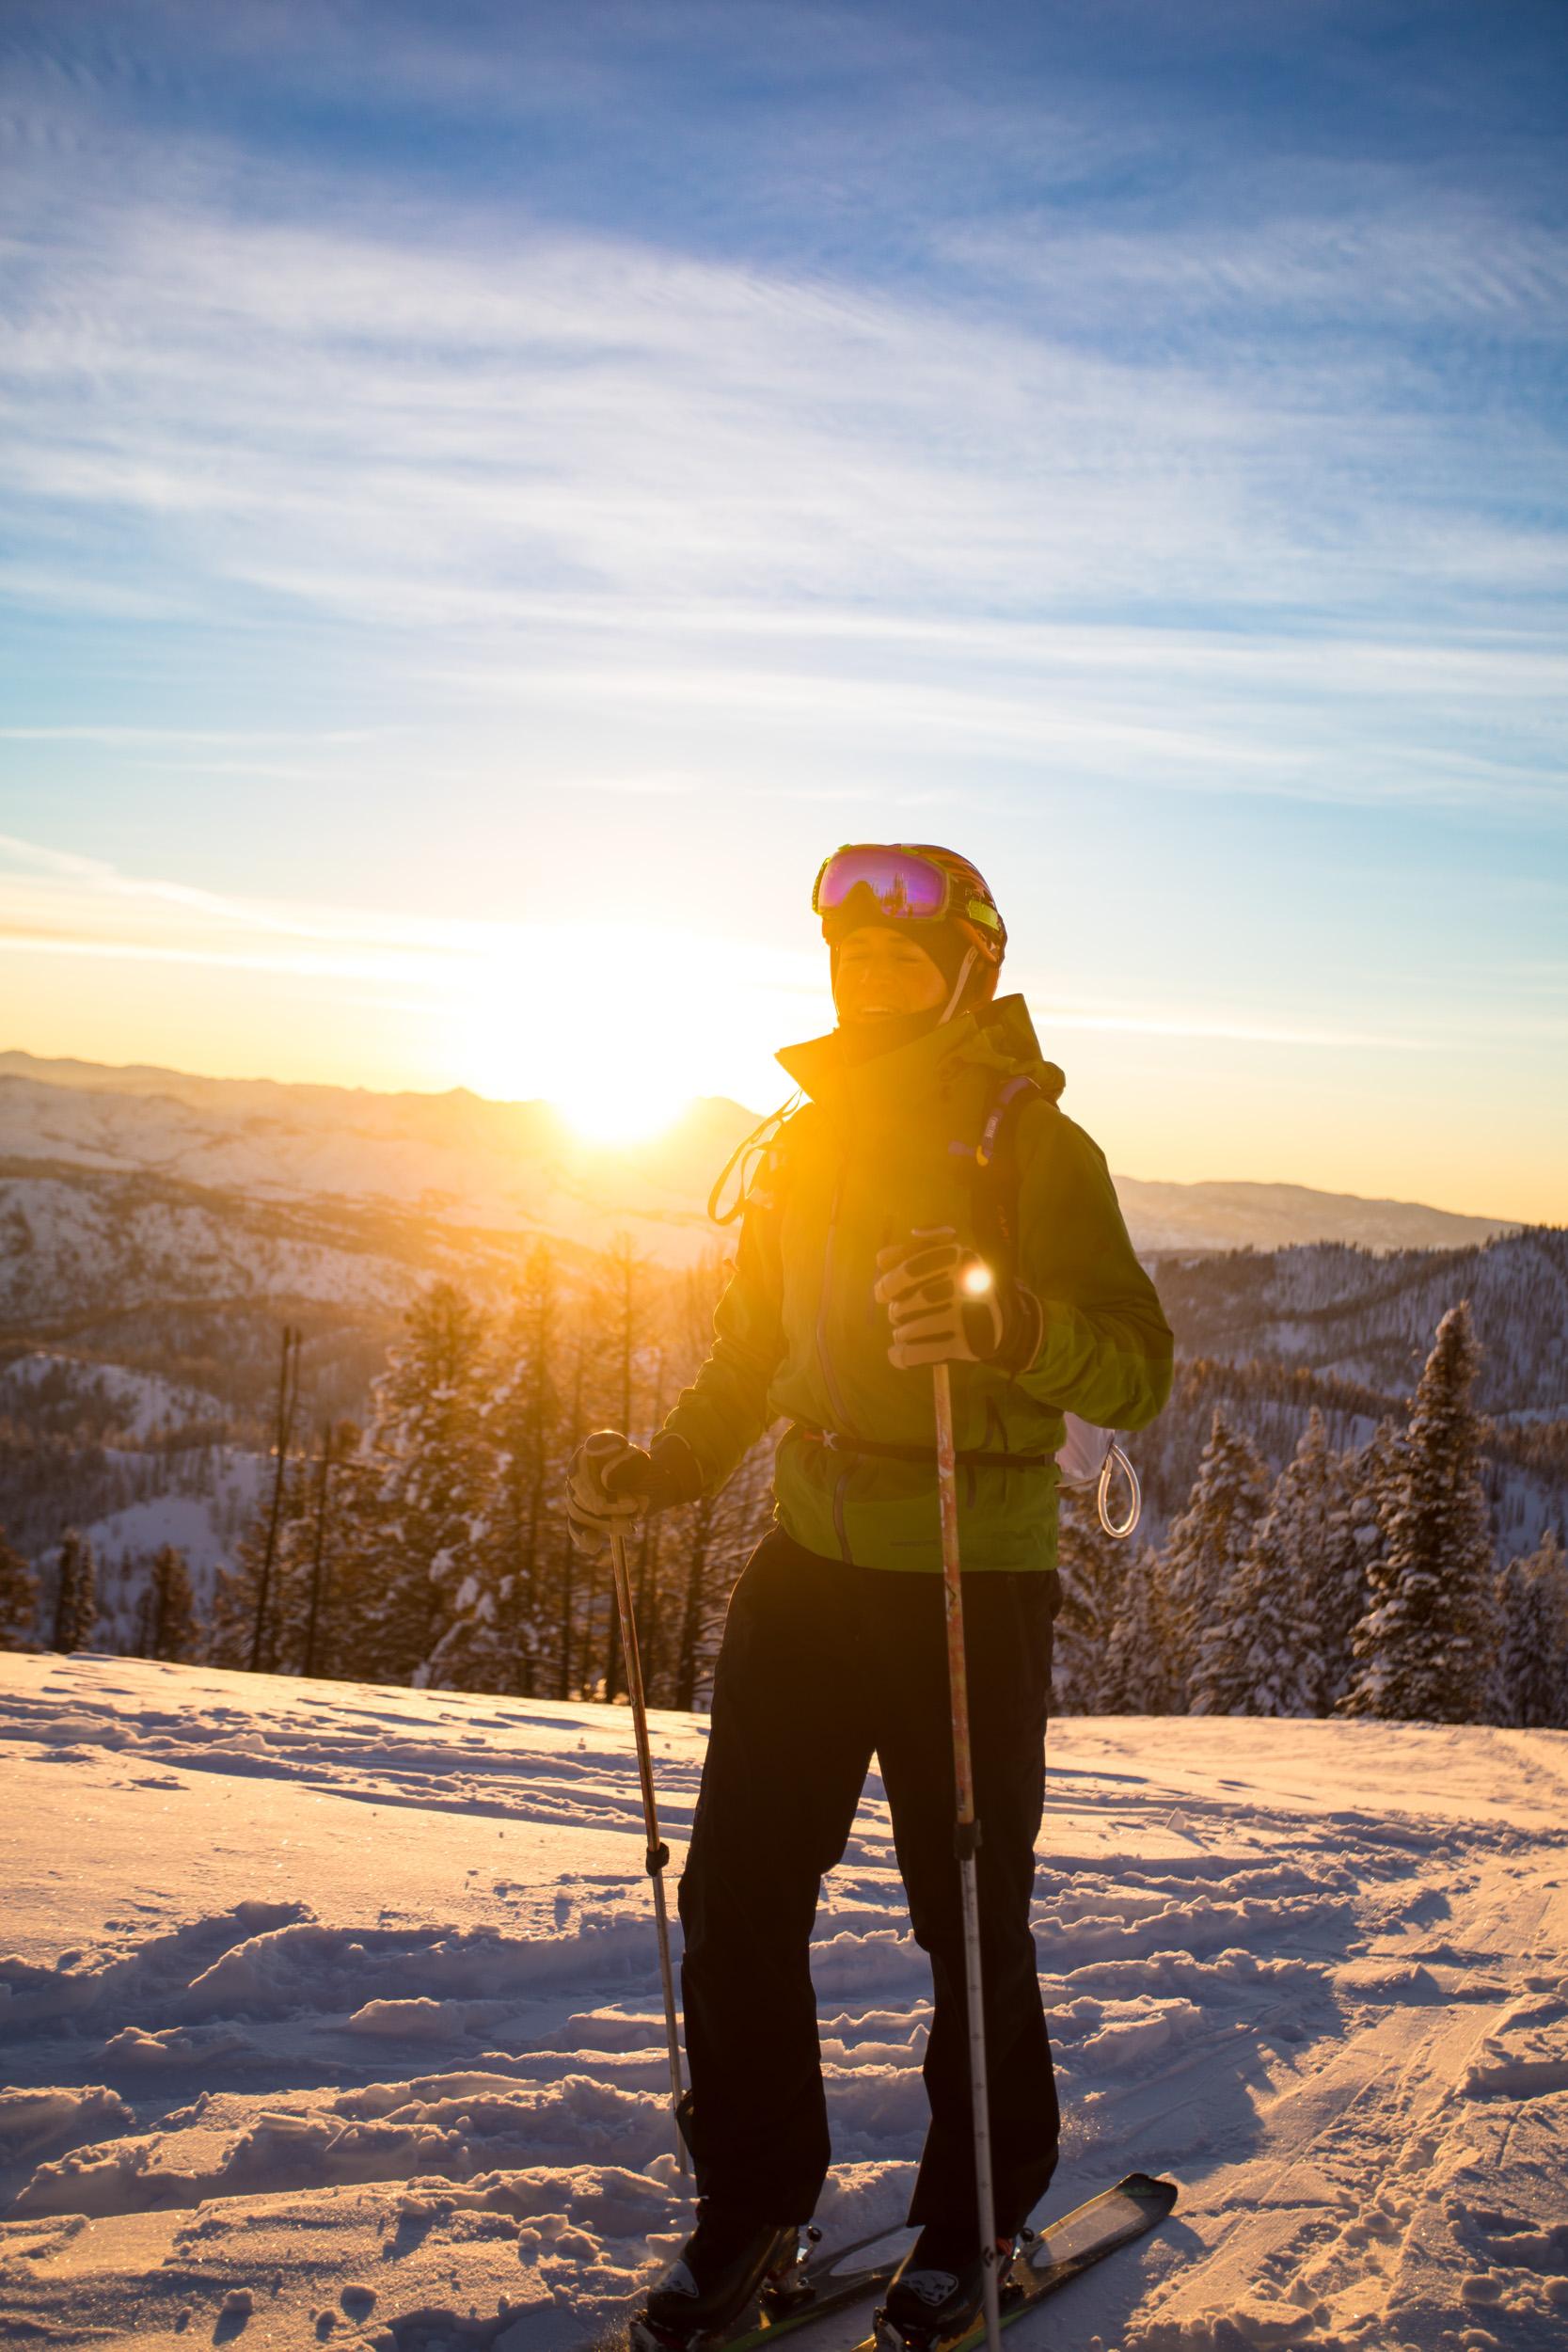 jerimy arnold - idaho skiing.jpg